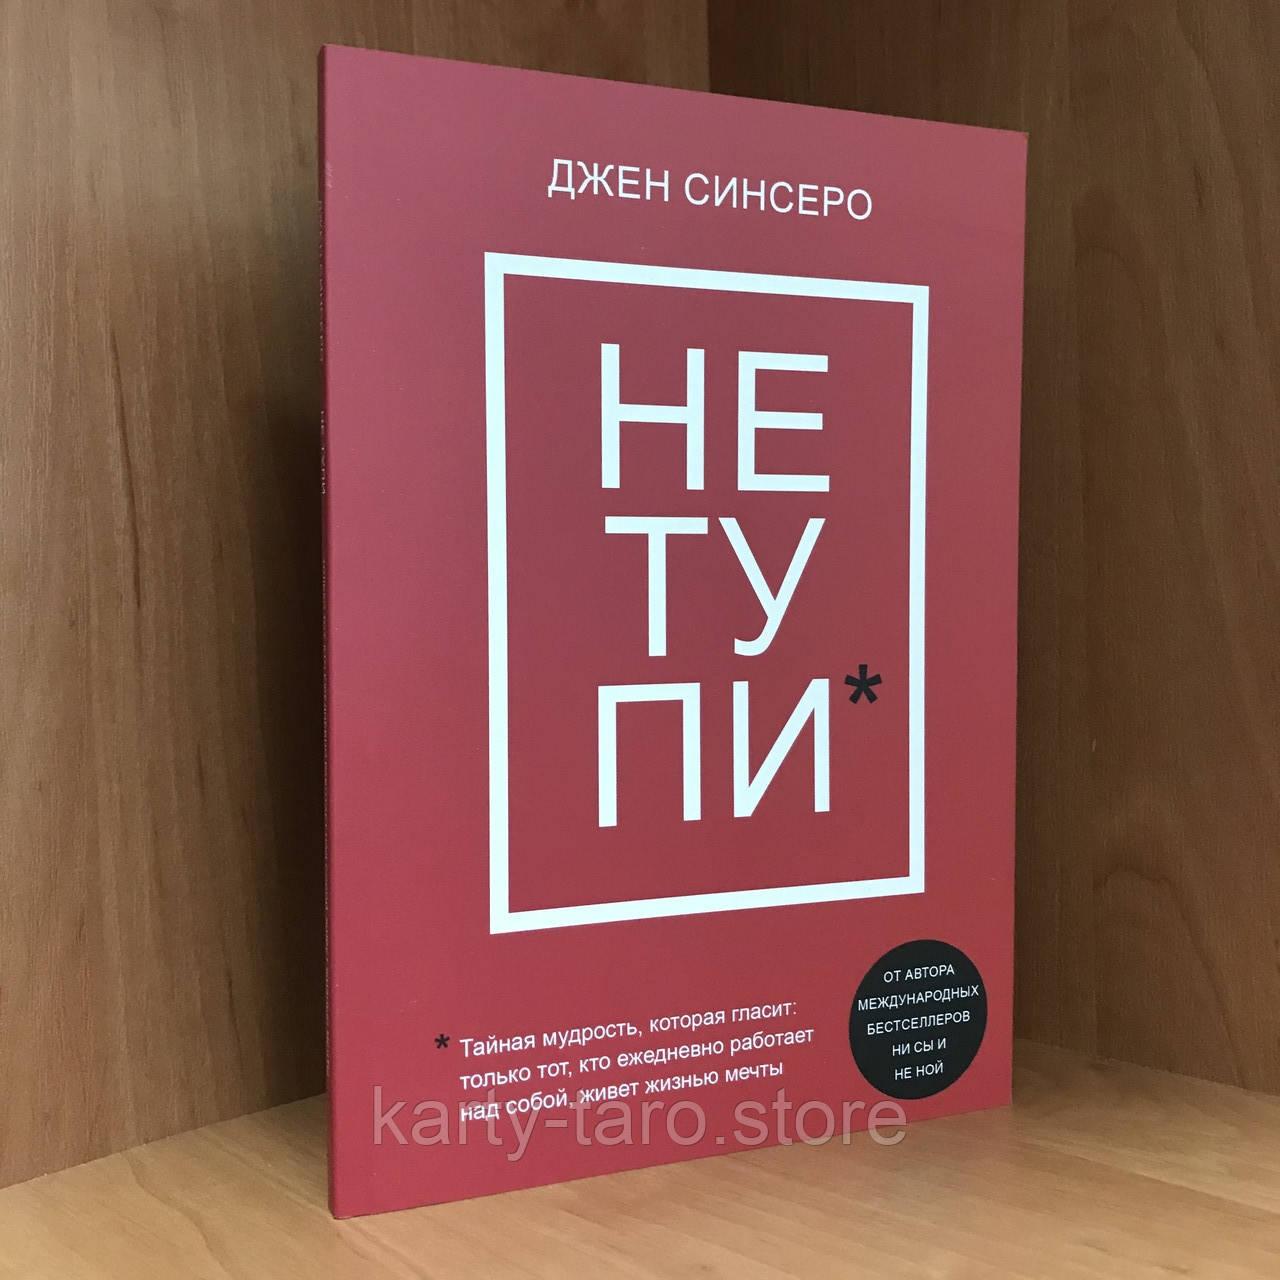 Книга НЕ ТУПІ Тільки той, хто щодня працює над собою живе життям мрії Ексмо - Джен Синсеро